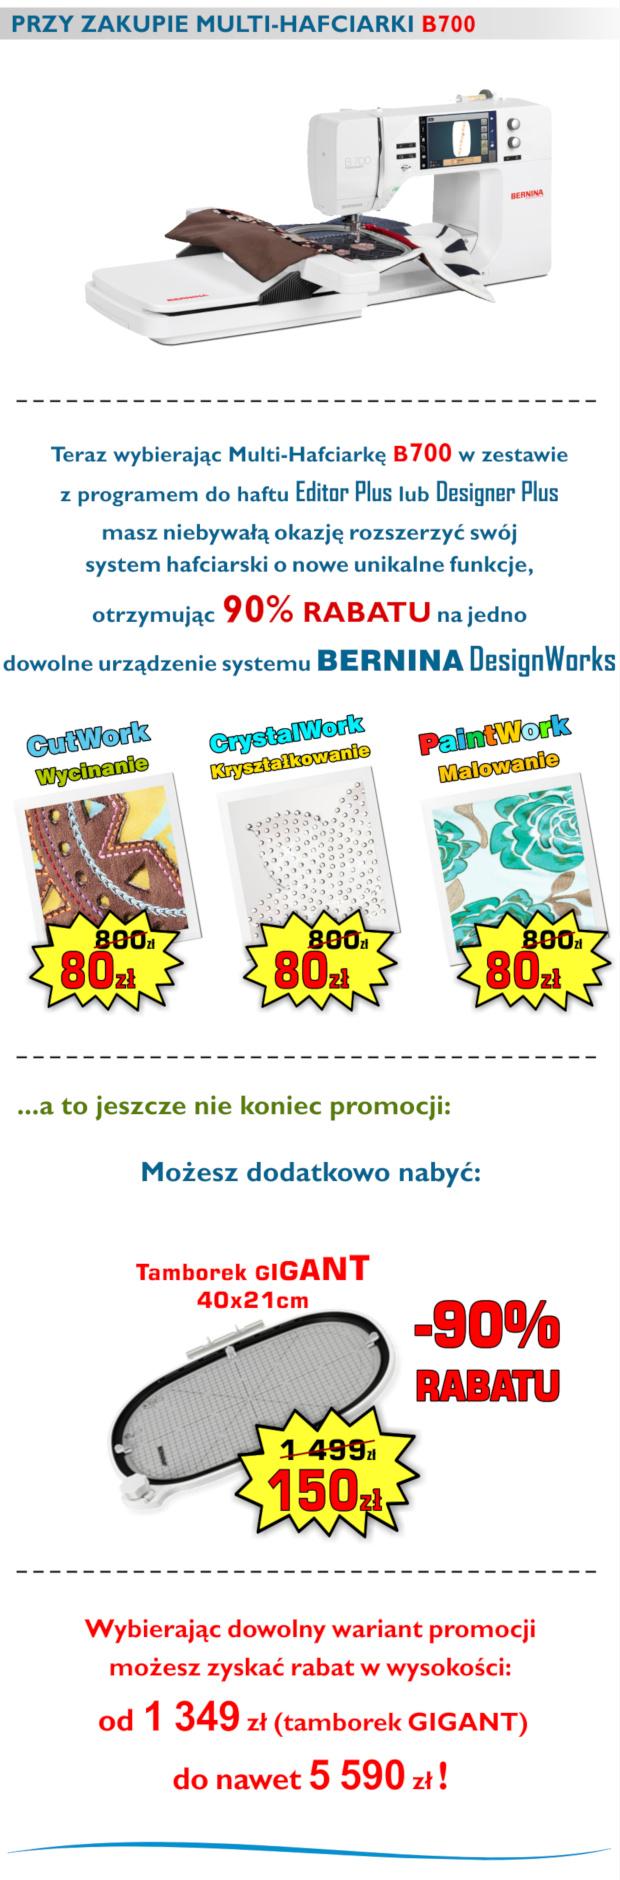 Promocje haficarek BERNINA - Mega Rabty, super gratisy, extra ceny